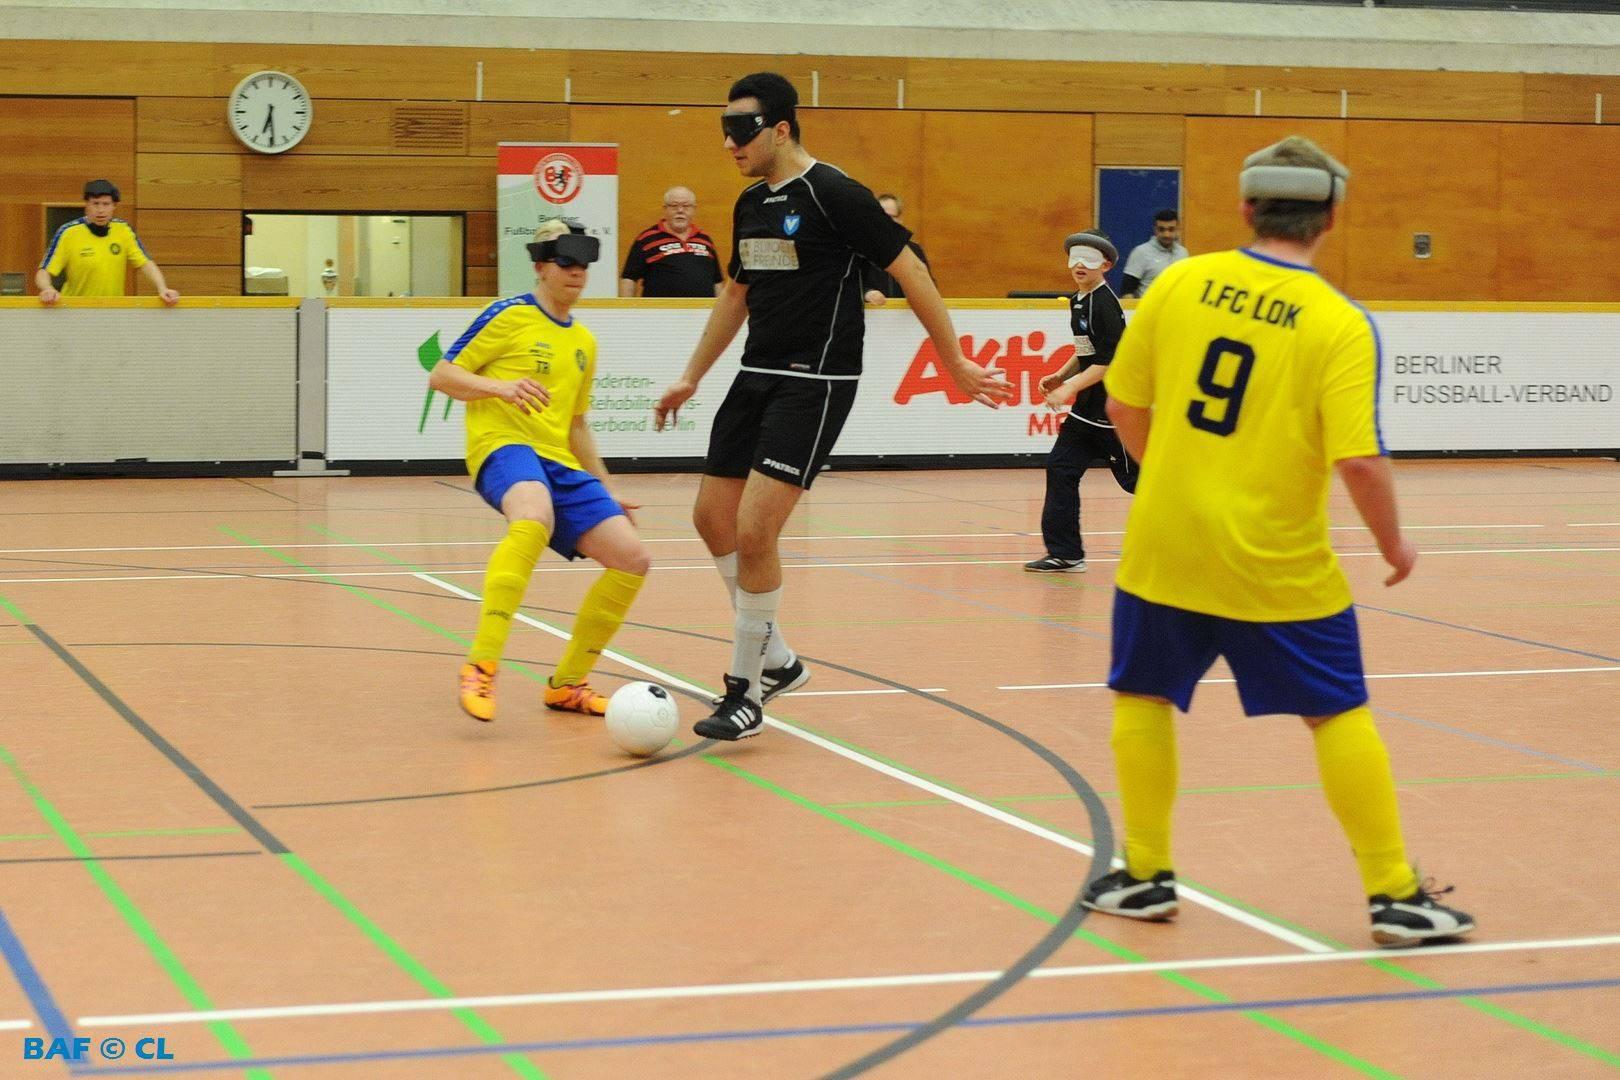 Edis Velcovic dribbeld den Ball in Richtung des Tores der Leipziger Gäste